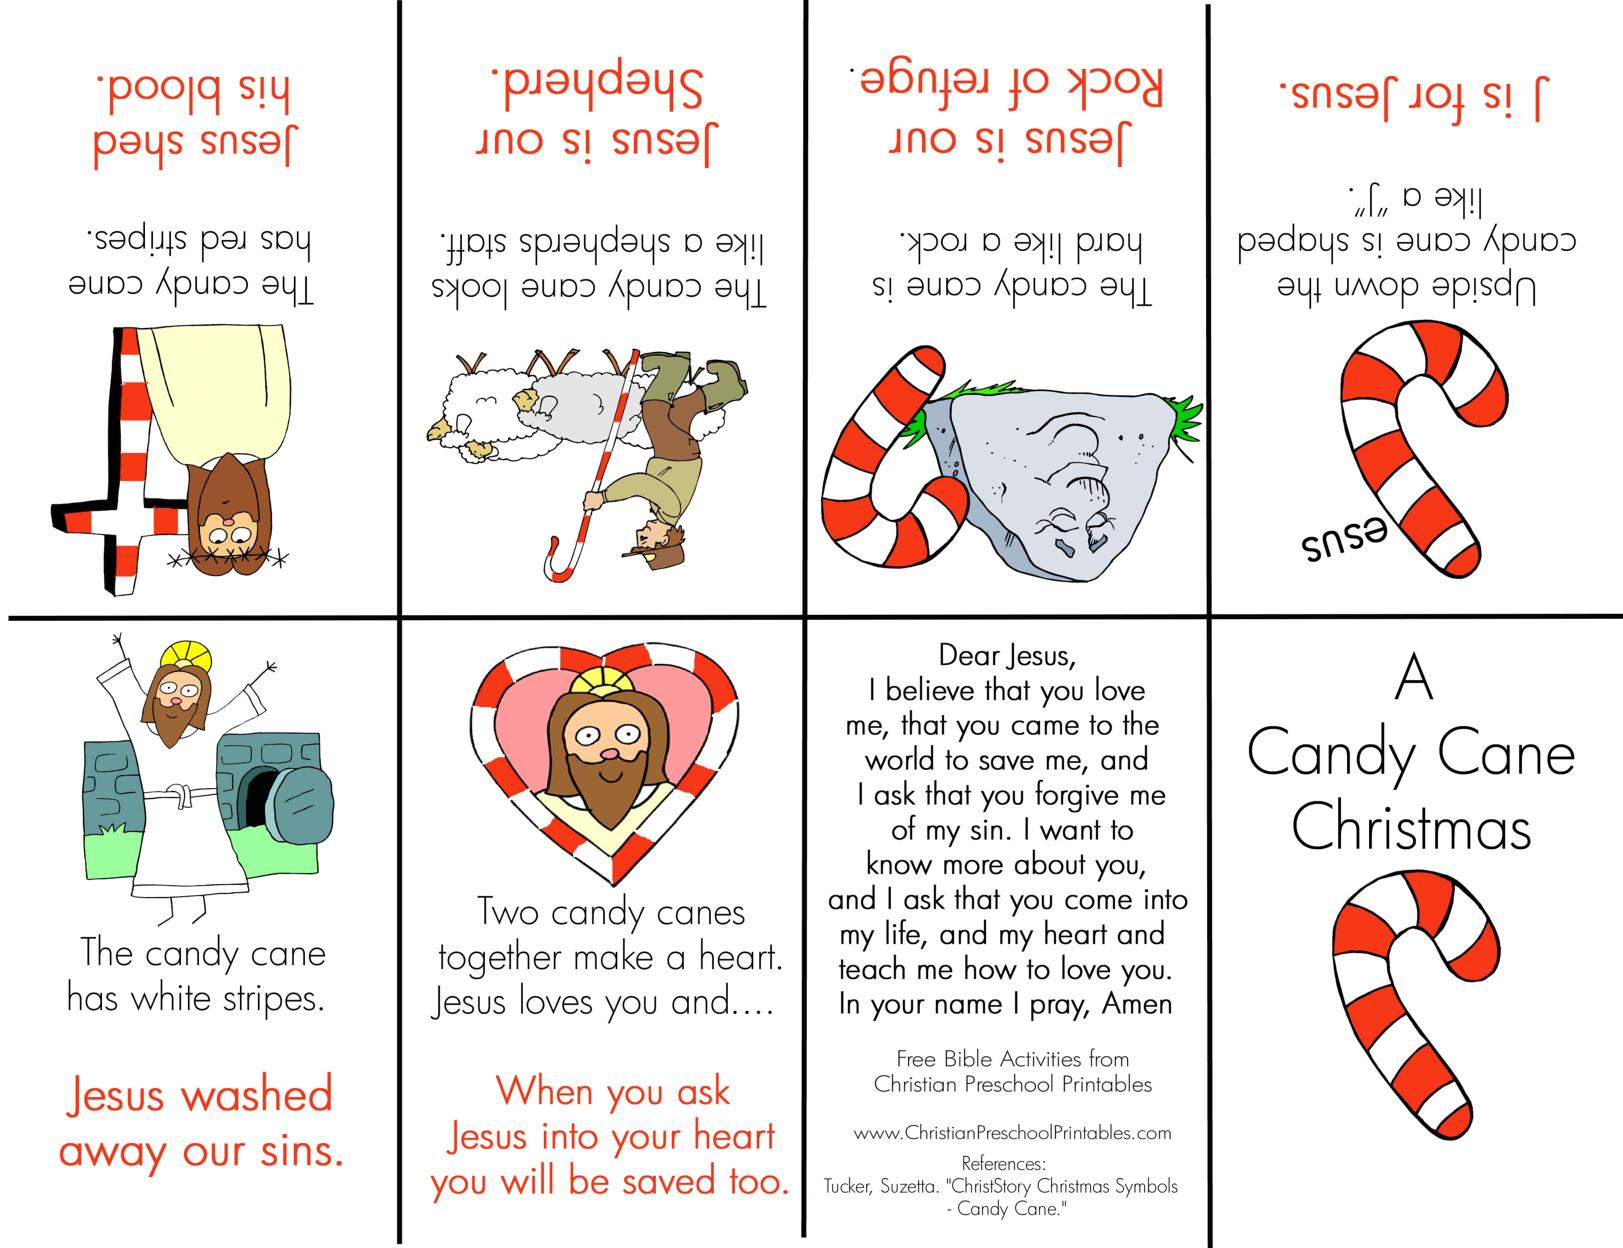 candy cane mini book christian preschool printables cakepinscom